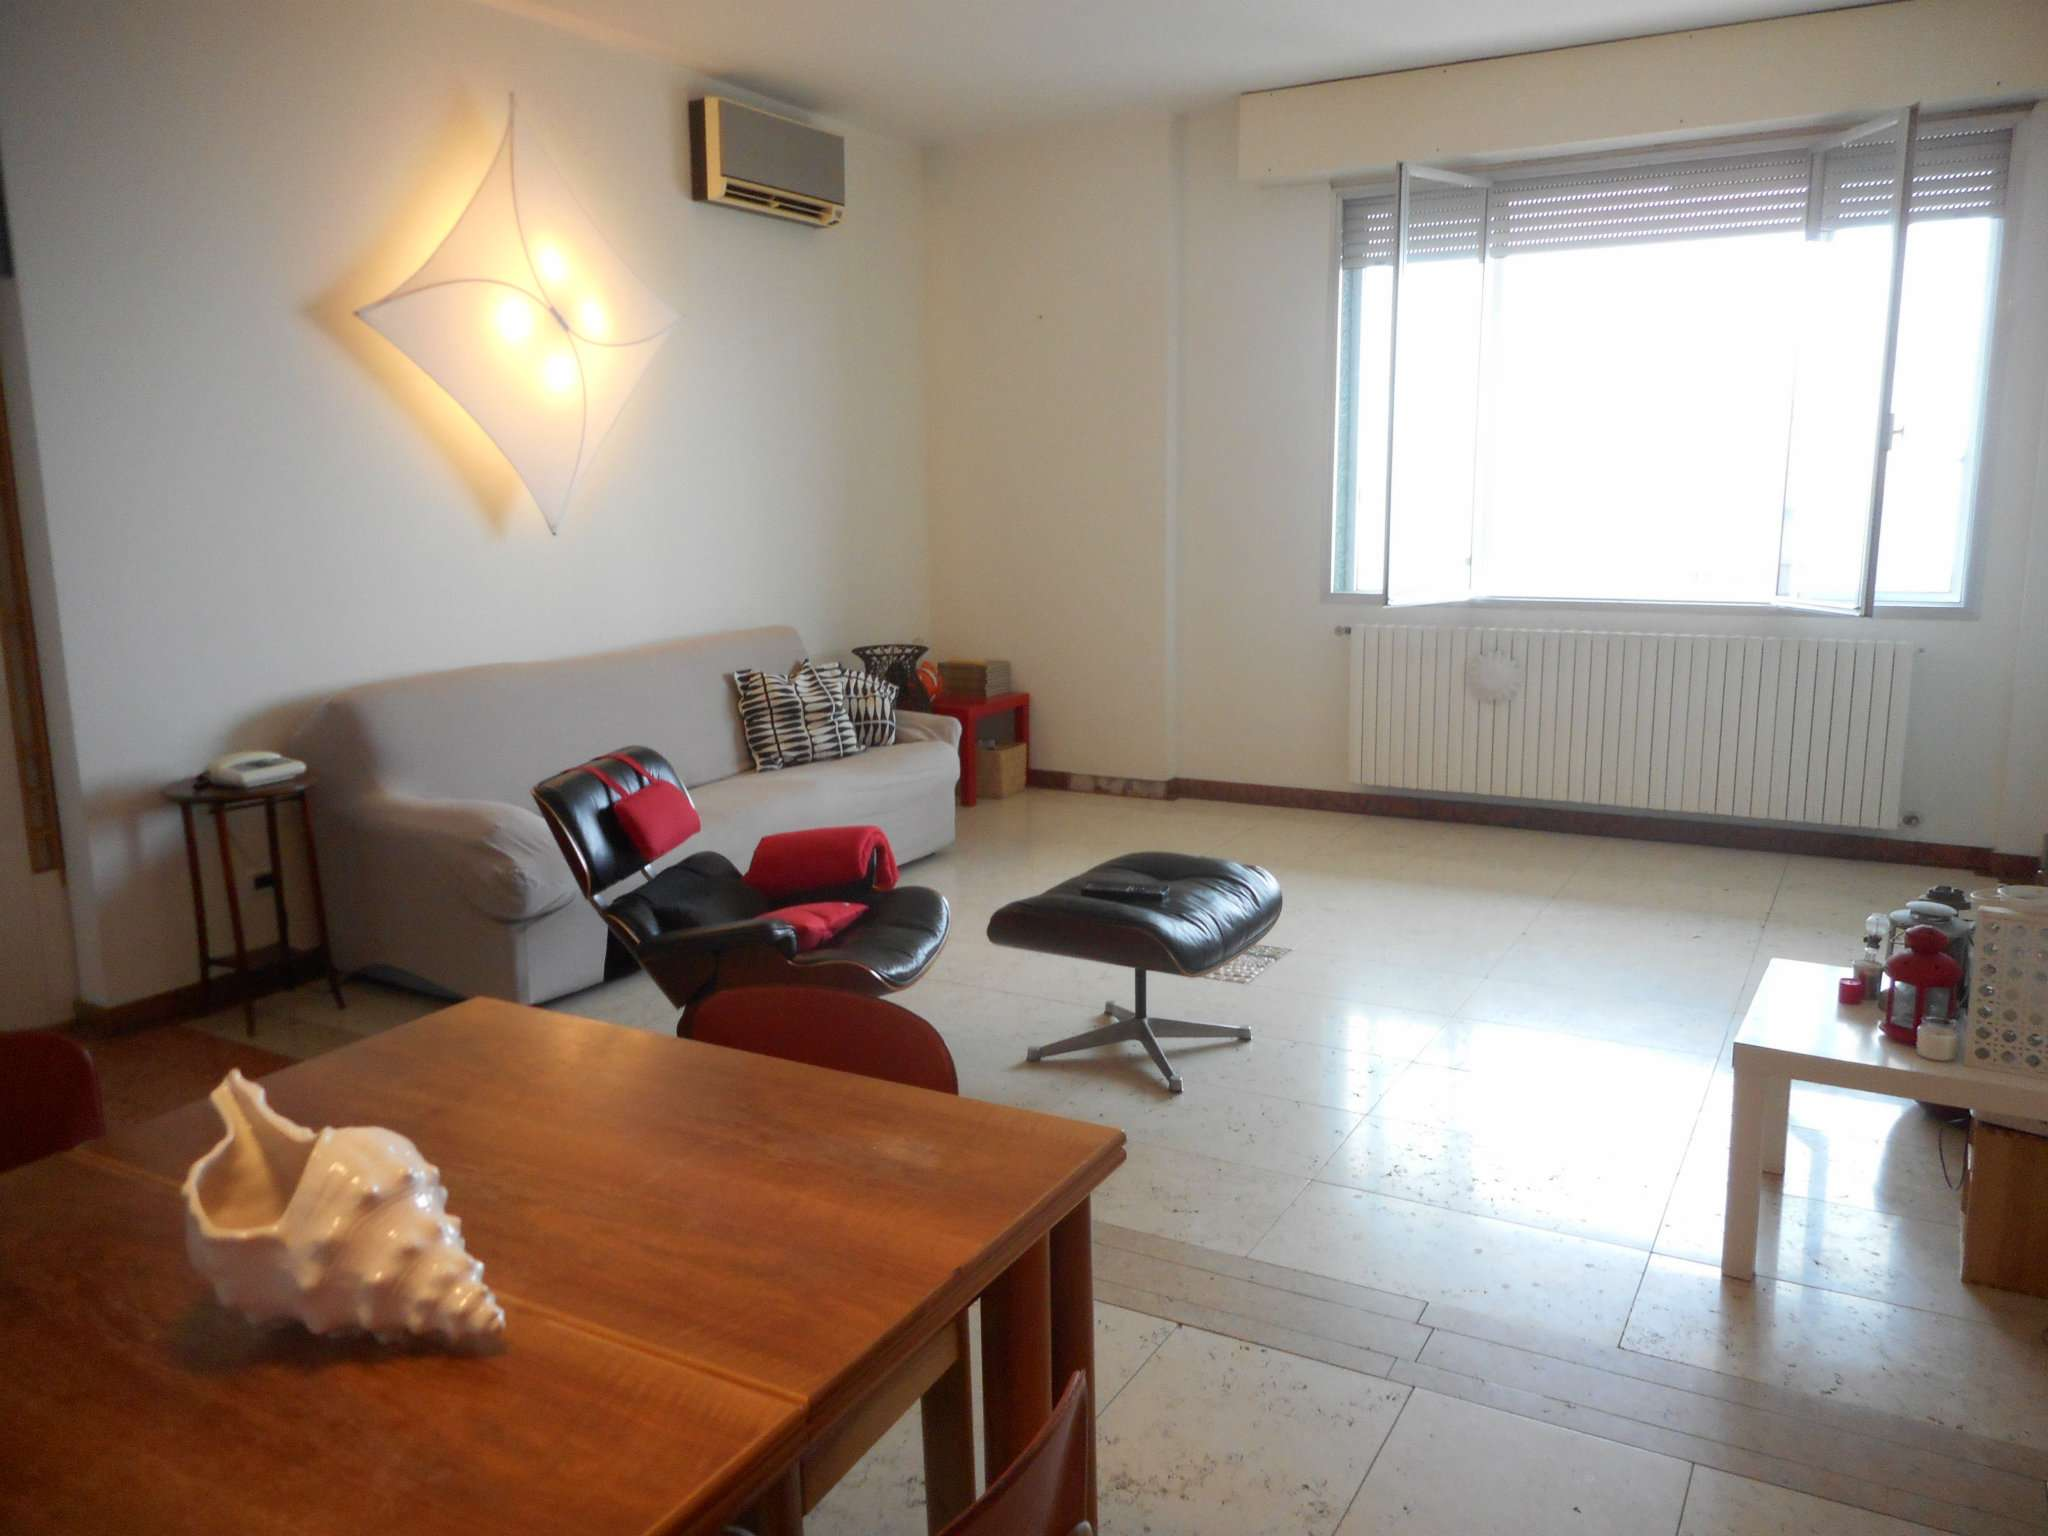 Appartamento in vendita a Rimini, 6 locali, prezzo € 350.000   Cambio Casa.it